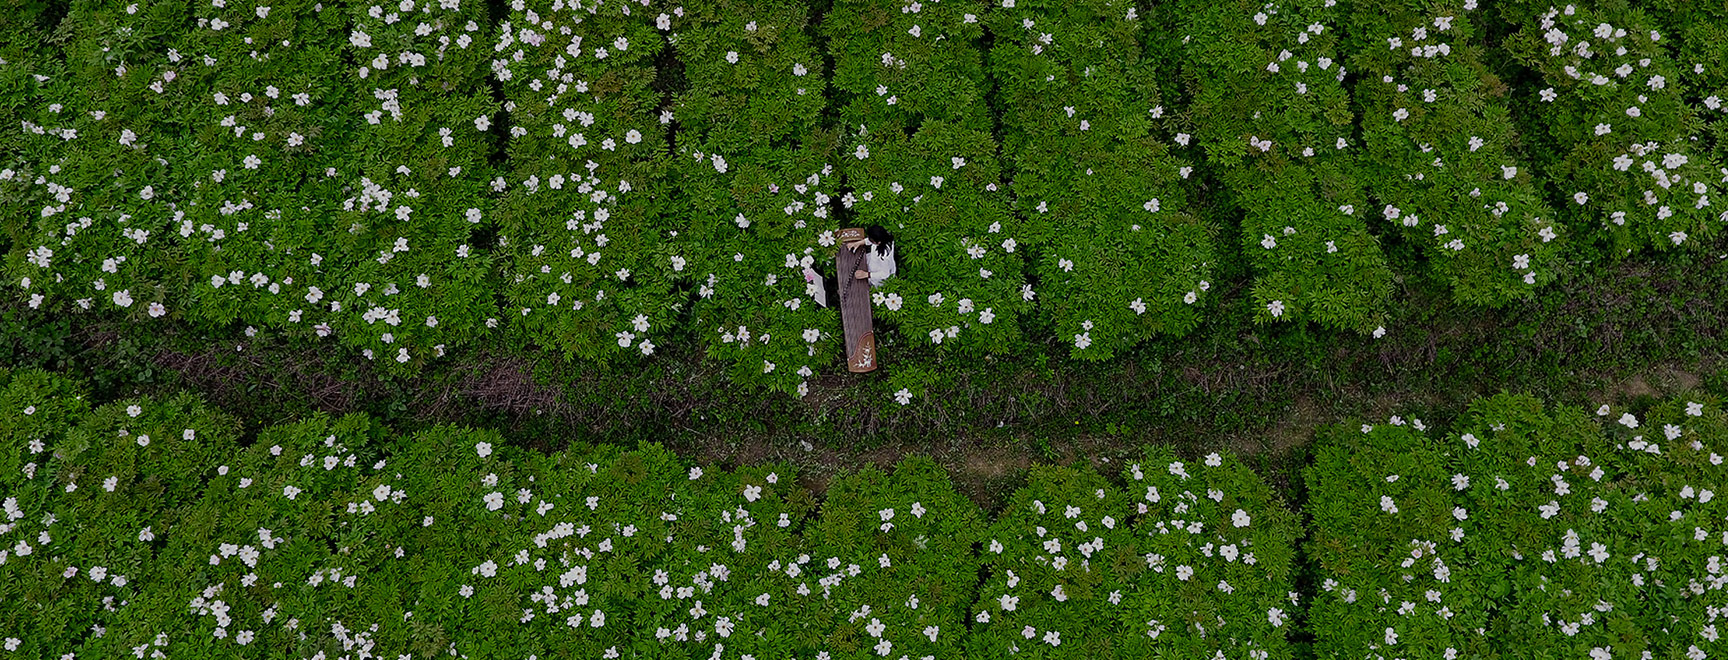 原生性紫斑牡丹种植,国际权威认证